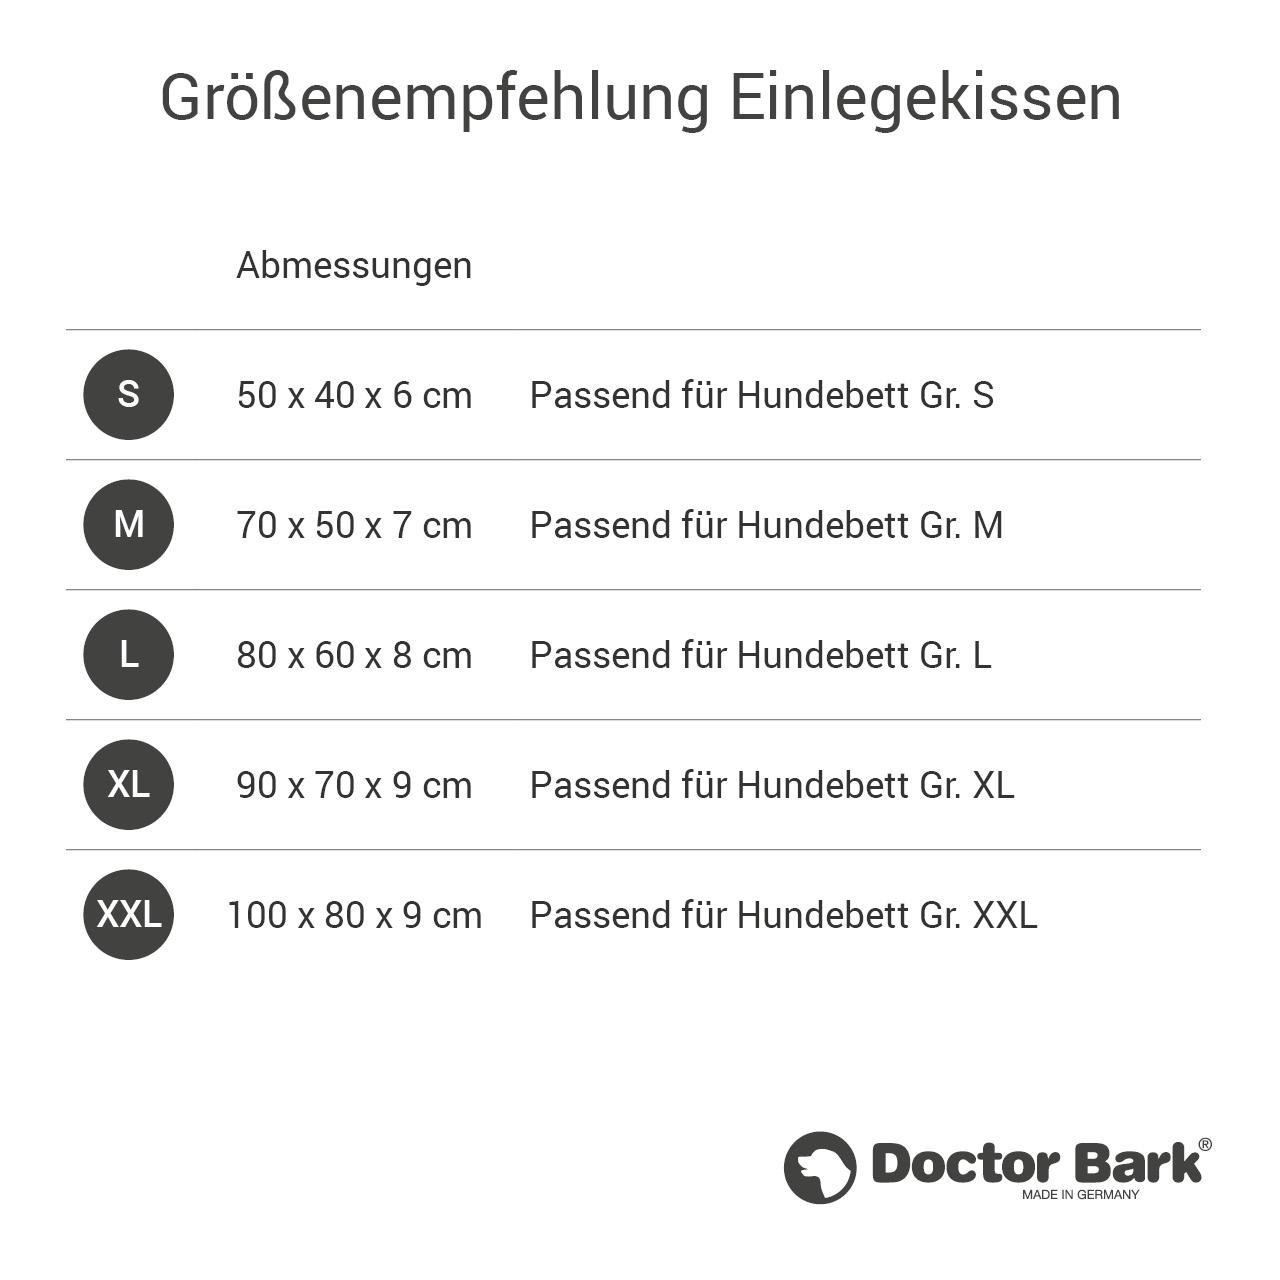 orthopädisches Einlegekissen für Doctor Bark Hundebett Gr. XXL - grau